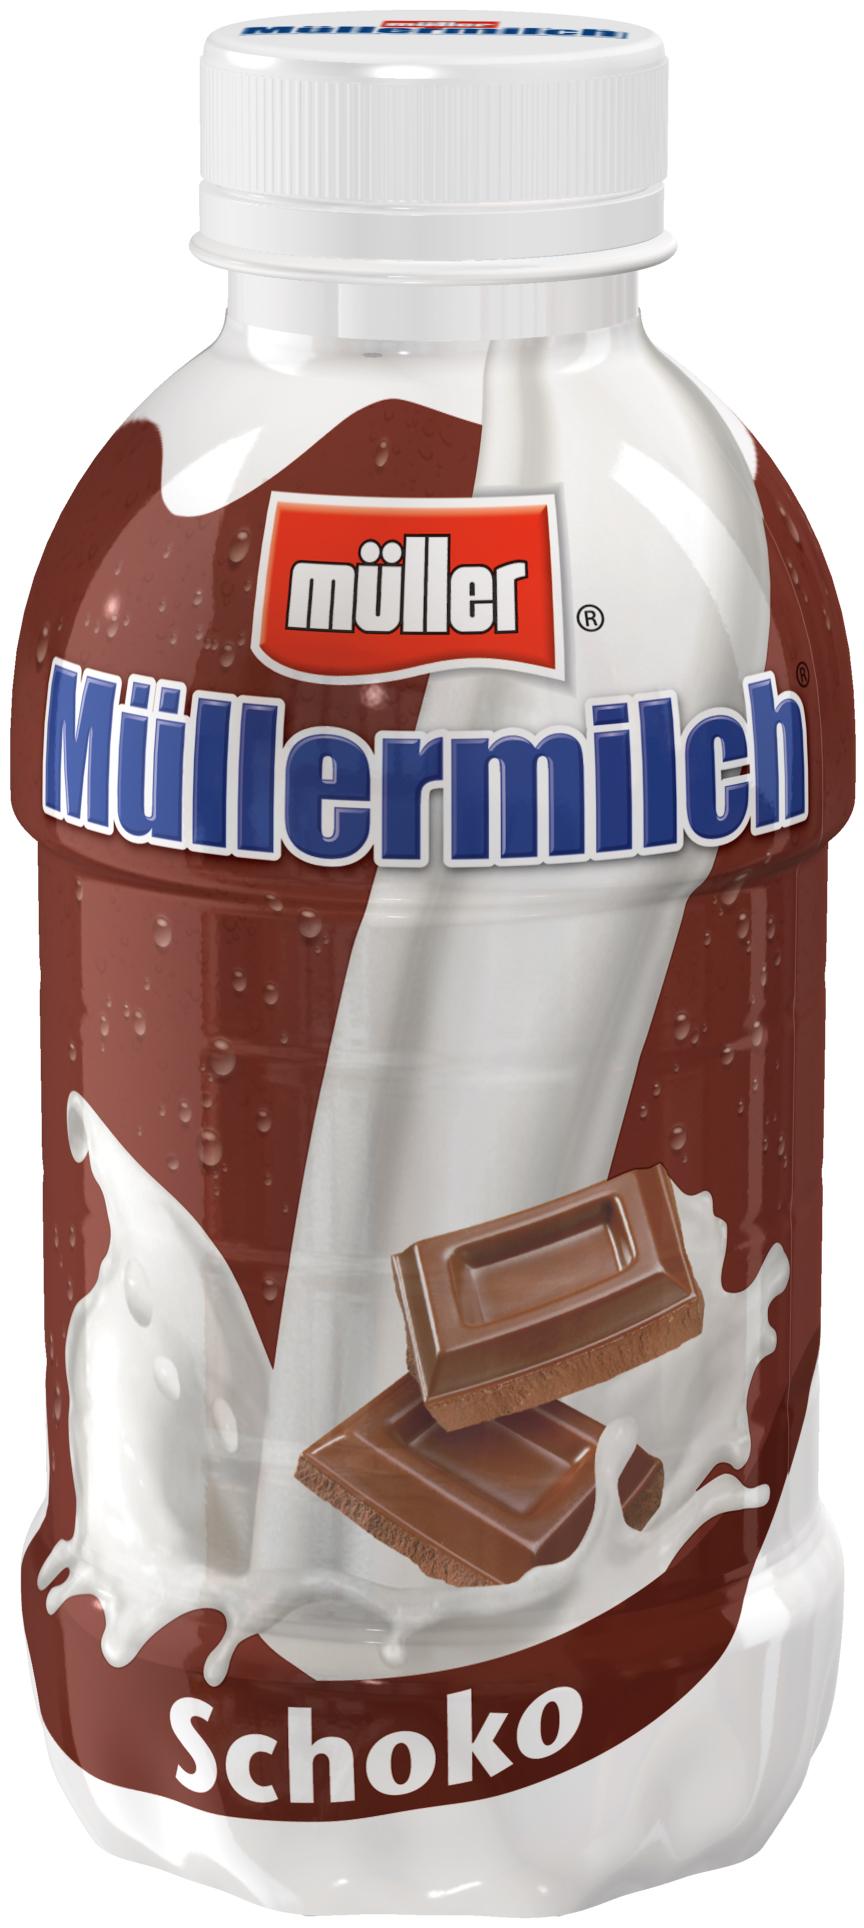 Müller Milch Produkte